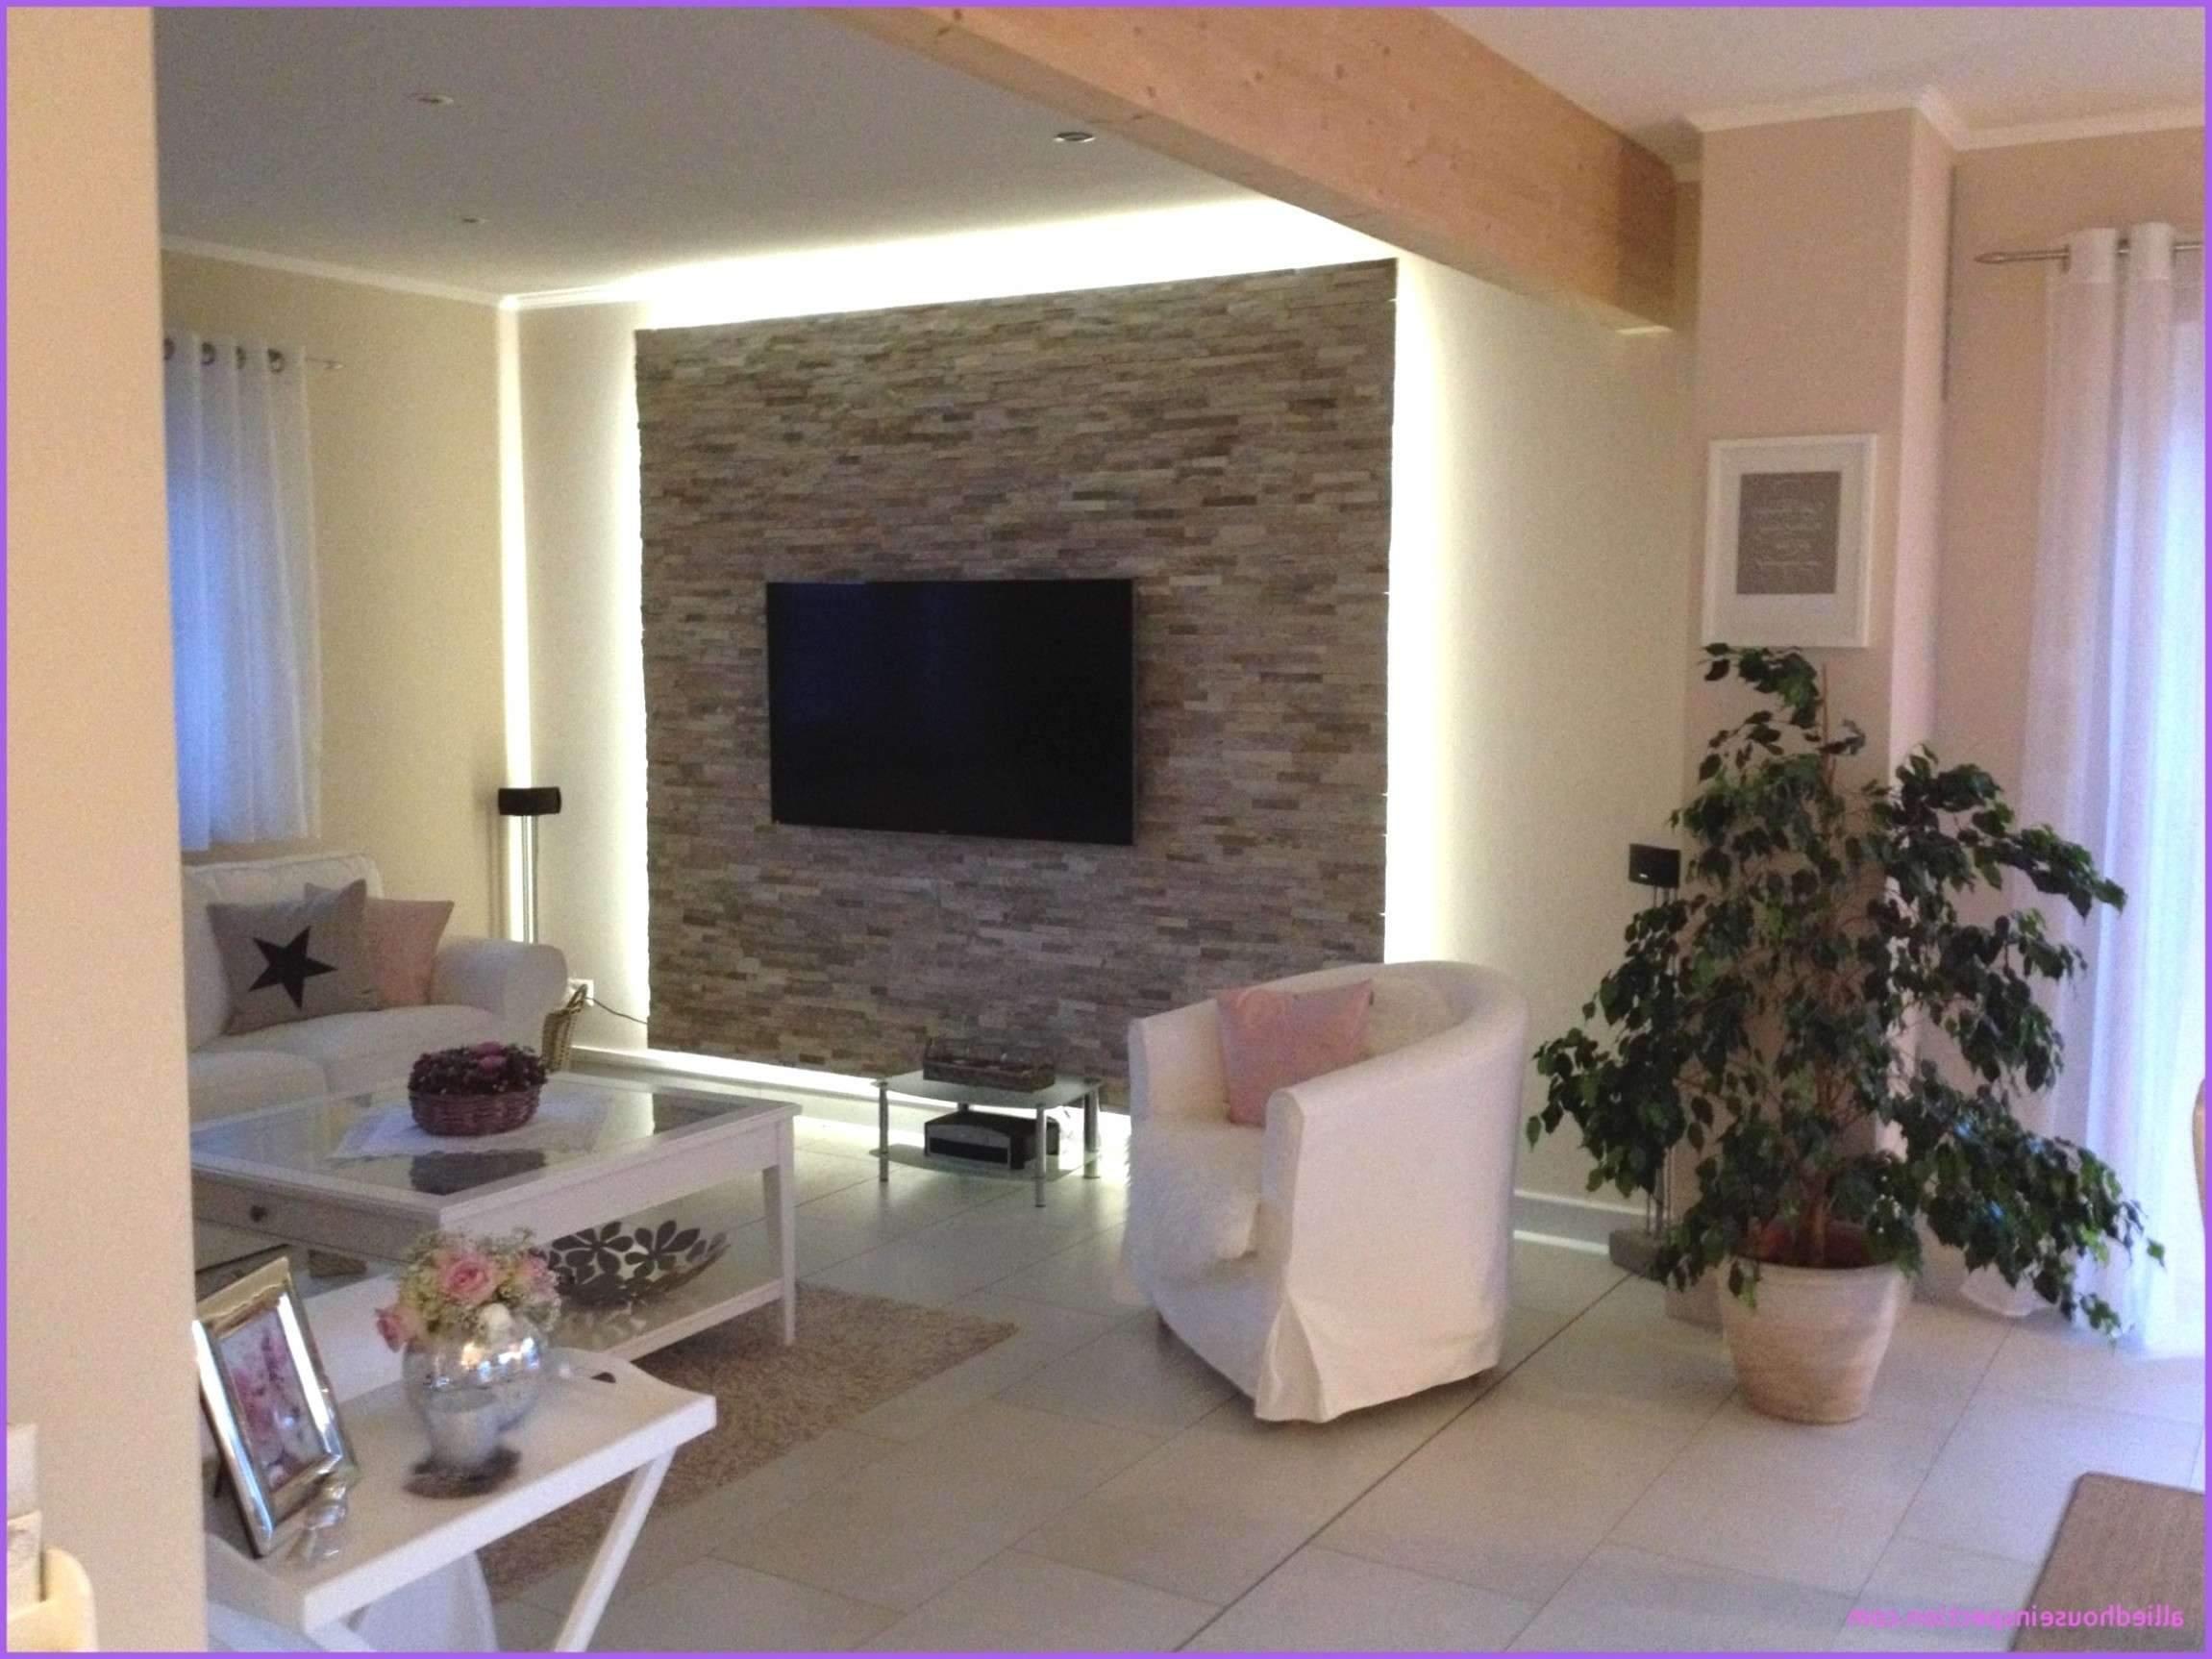 Full Size of Scheibengardine Wohnzimmer Das Beste Von 28 Luxus Modernes Stehlampe Deckenlampen Für Teppich Tapeten Ideen Vinylboden Wohnwand Komplett Deckenlampe Liege Wohnzimmer Scheibengardine Wohnzimmer